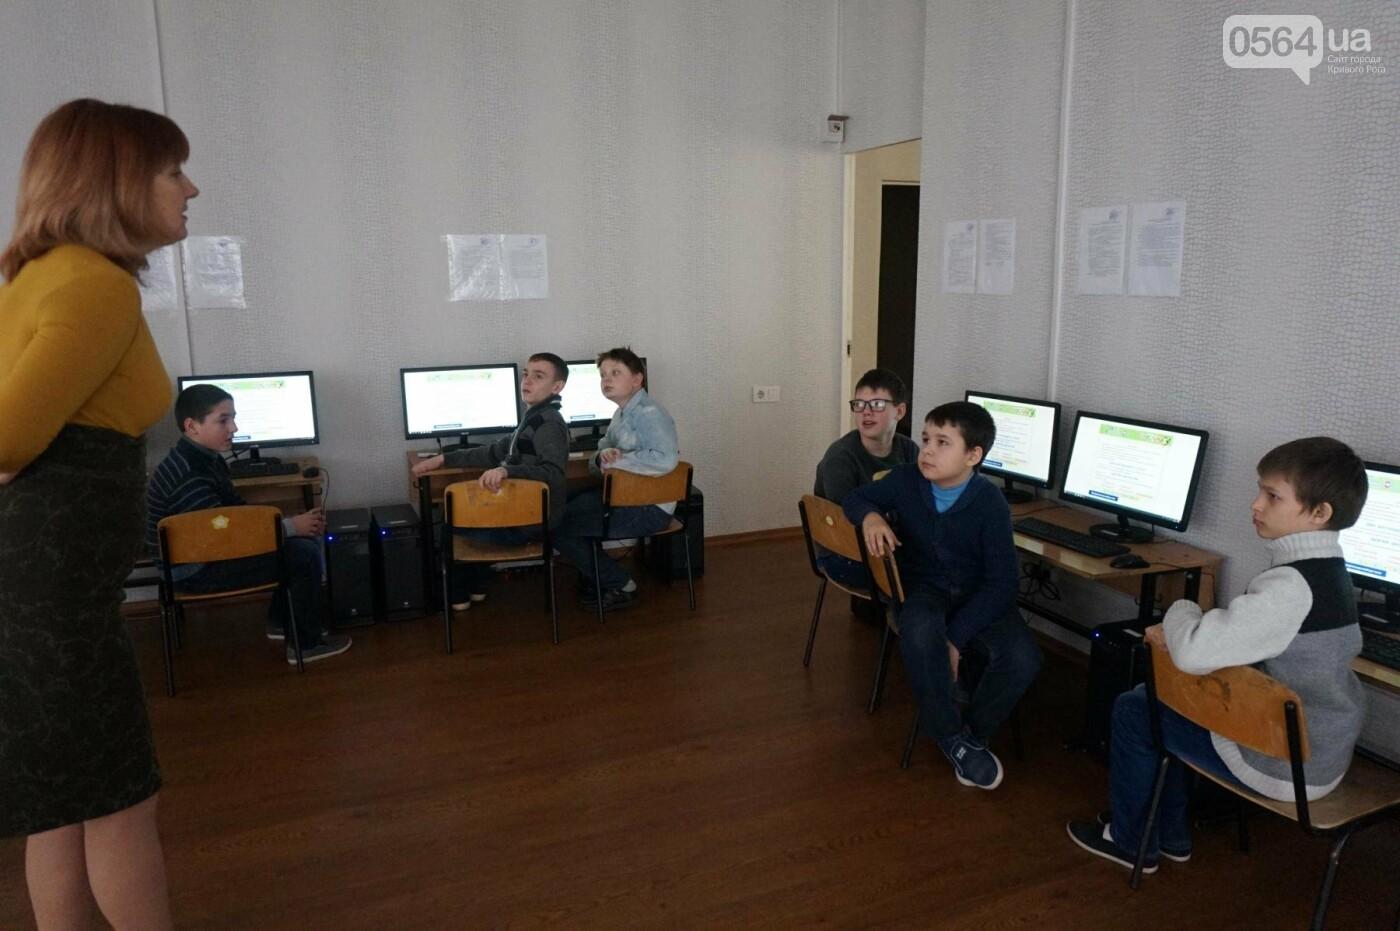 Приближаясь к Европе: Как в школах Кривого Рога внедряют инклюзию (ФОТО), фото-32